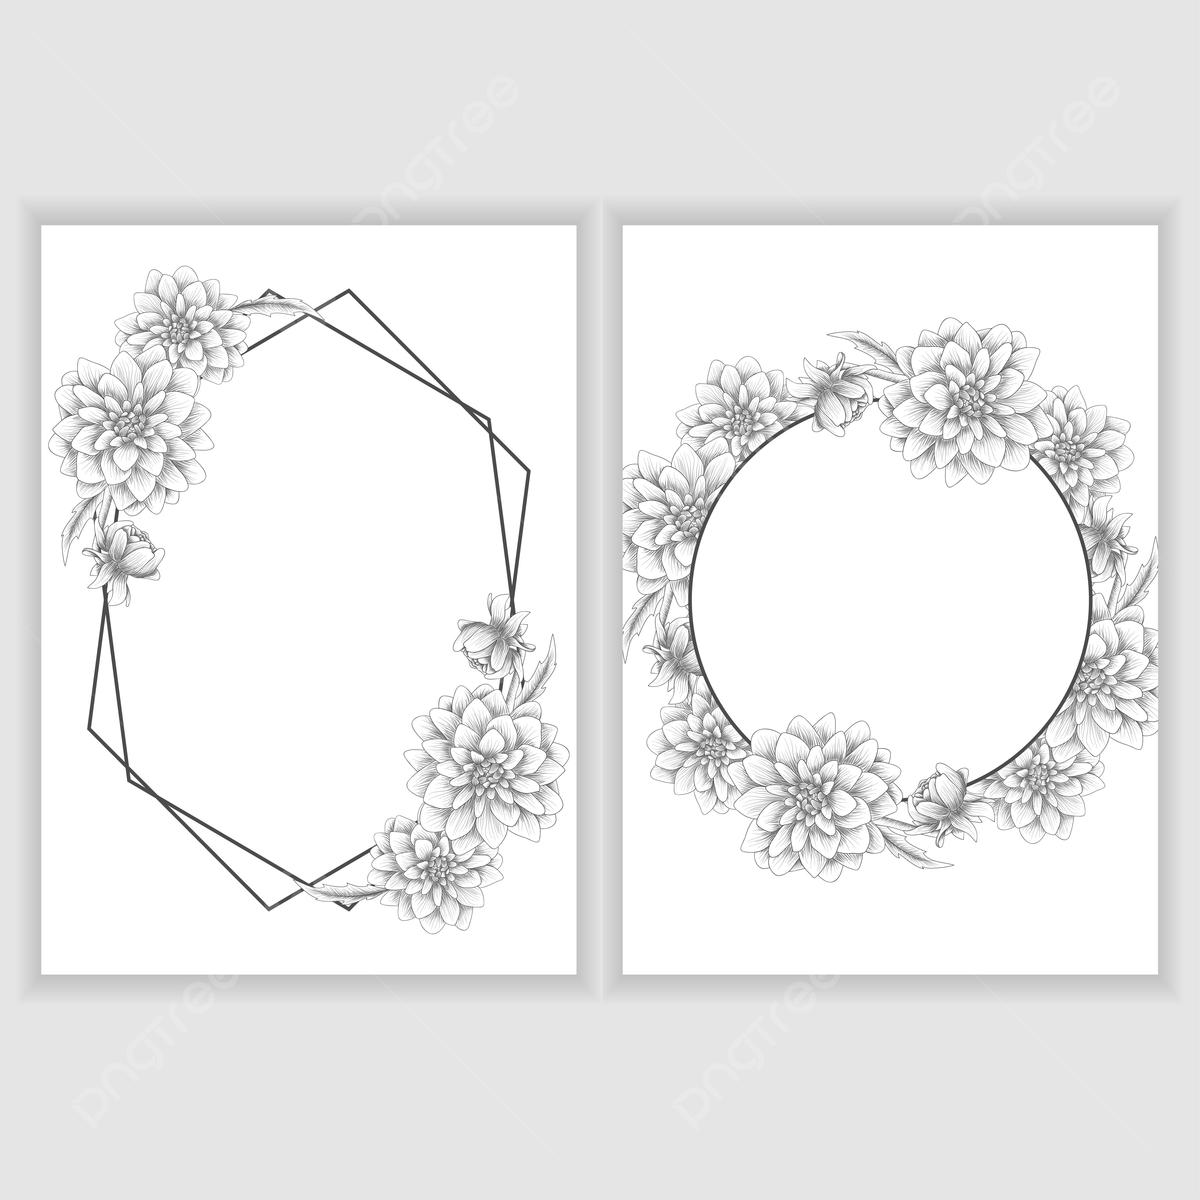 Gambar Sketsa Bingkai Png Vektor Psd Dan Clipart Dengan Latar Belakang Transparan Untuk Download Gratis Pngtree